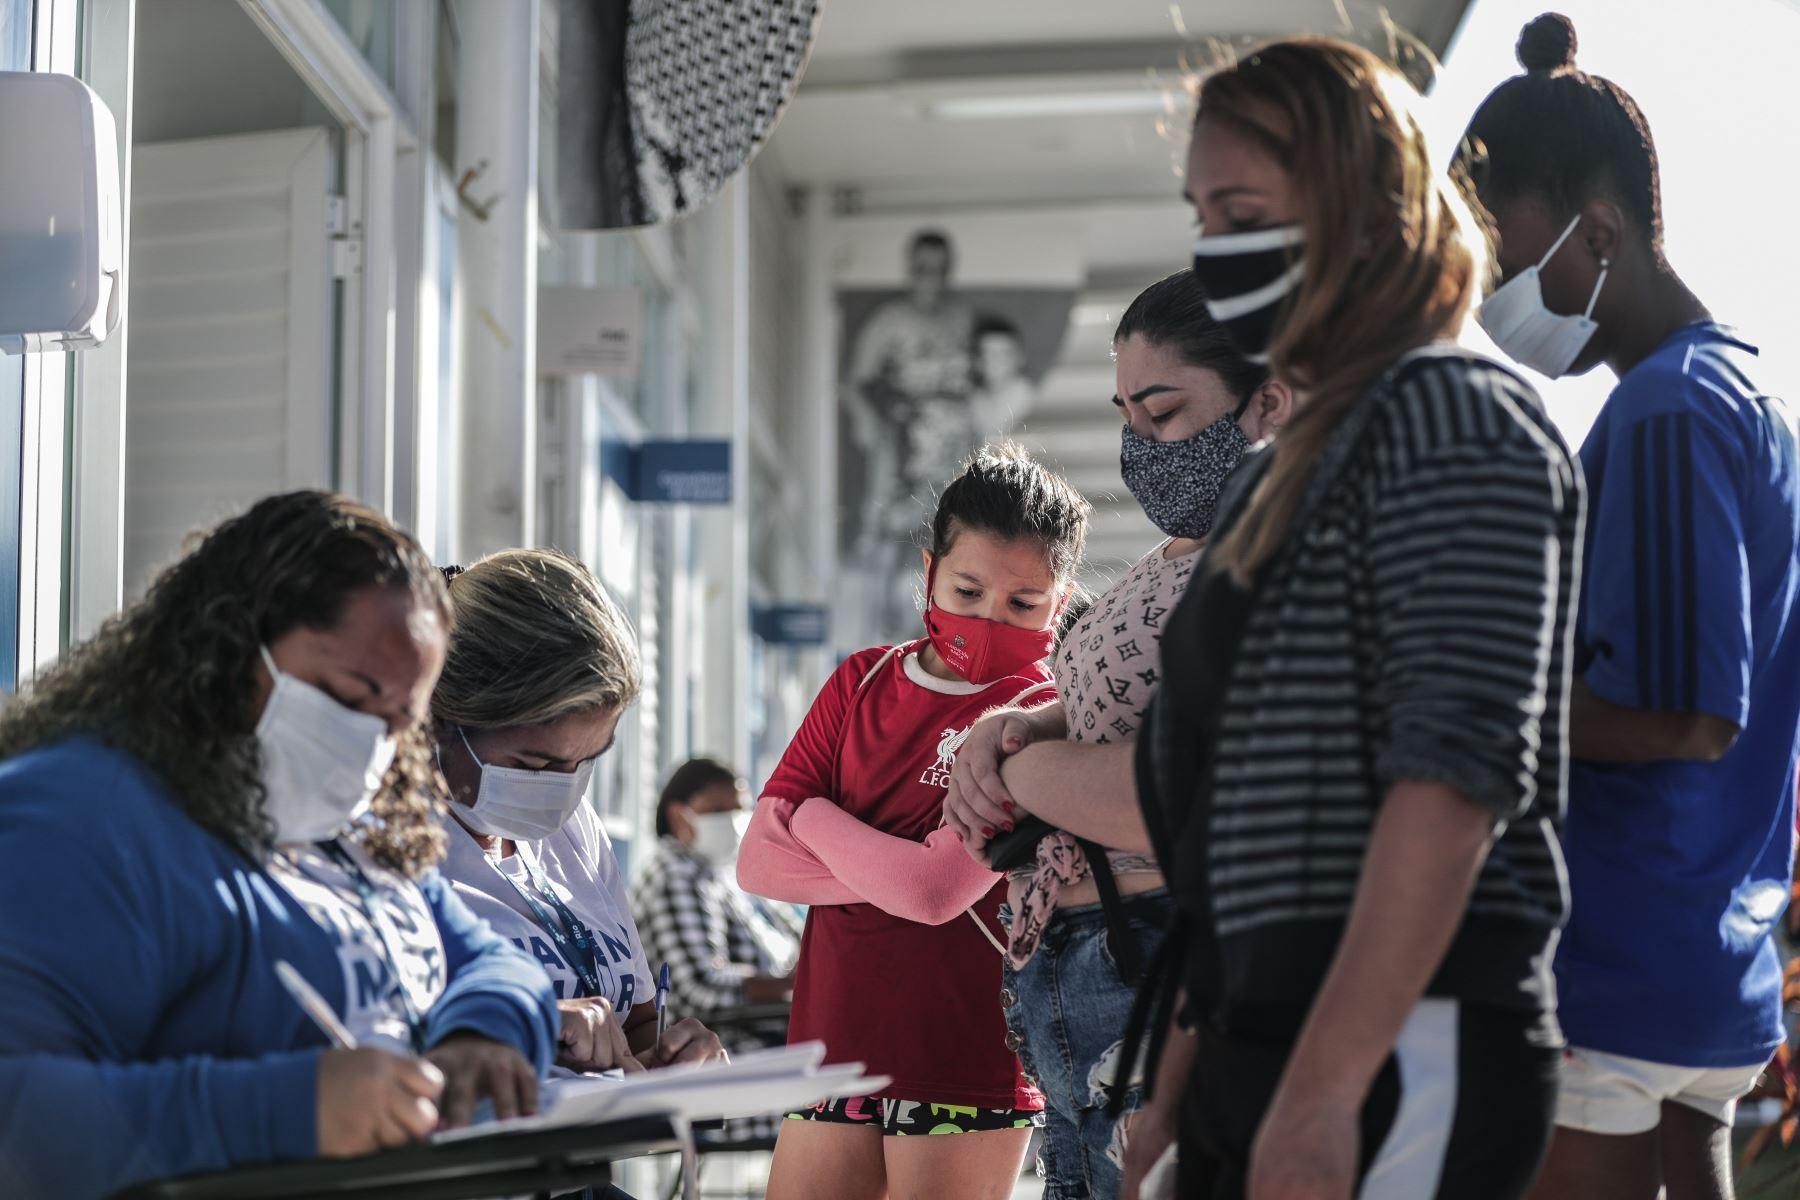 Varias personas asisten a una jornada de vacunación contra la covid-19 en las favelas de Maré, en Rio de Janeiro, Brasil. Foto: EFE